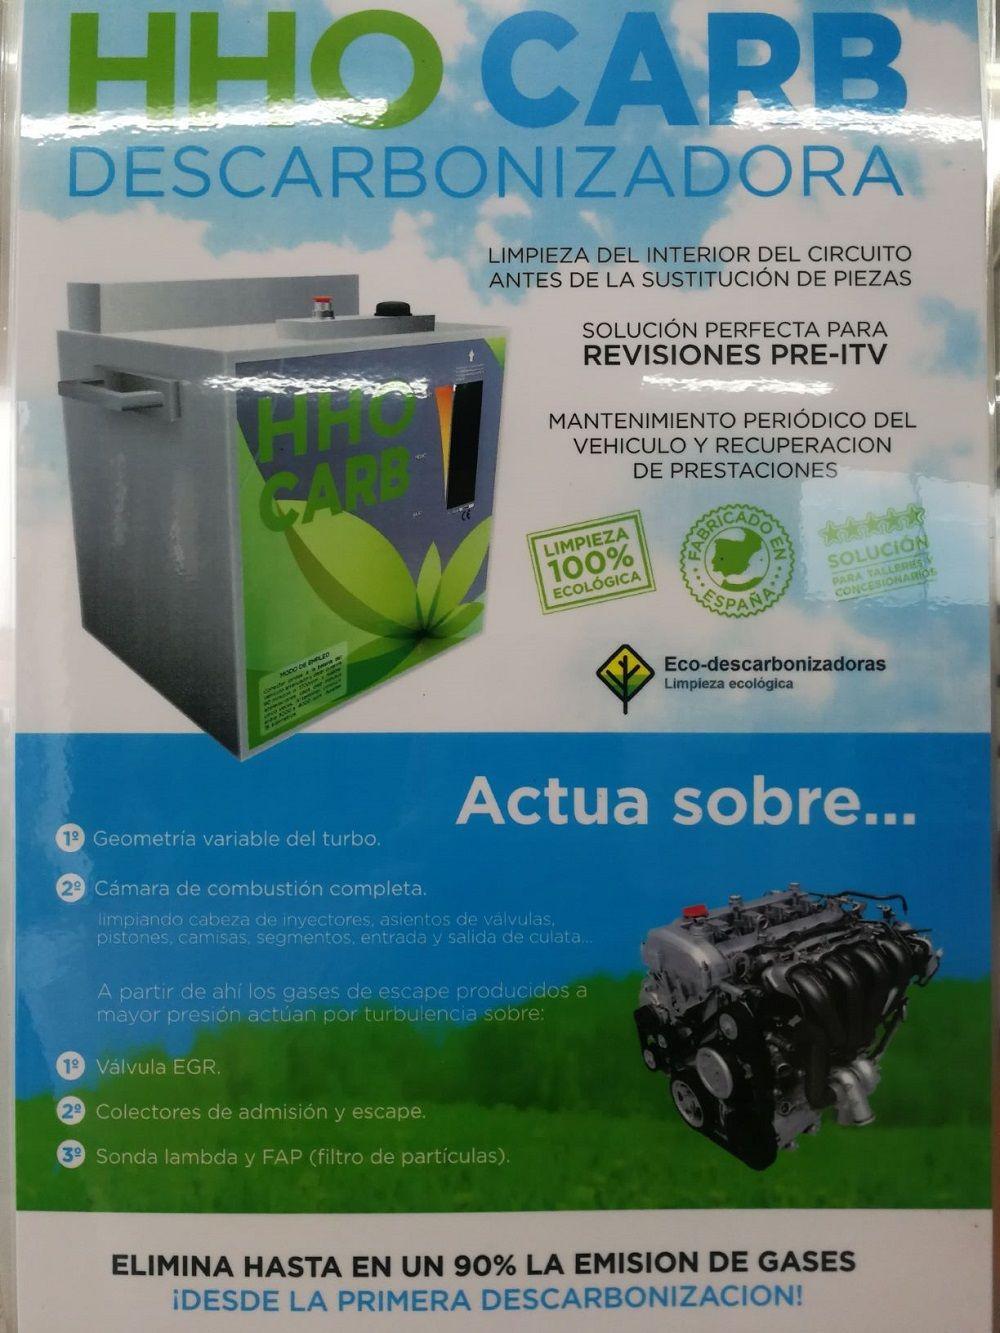 HHO CARB DESCARBONIZADORA